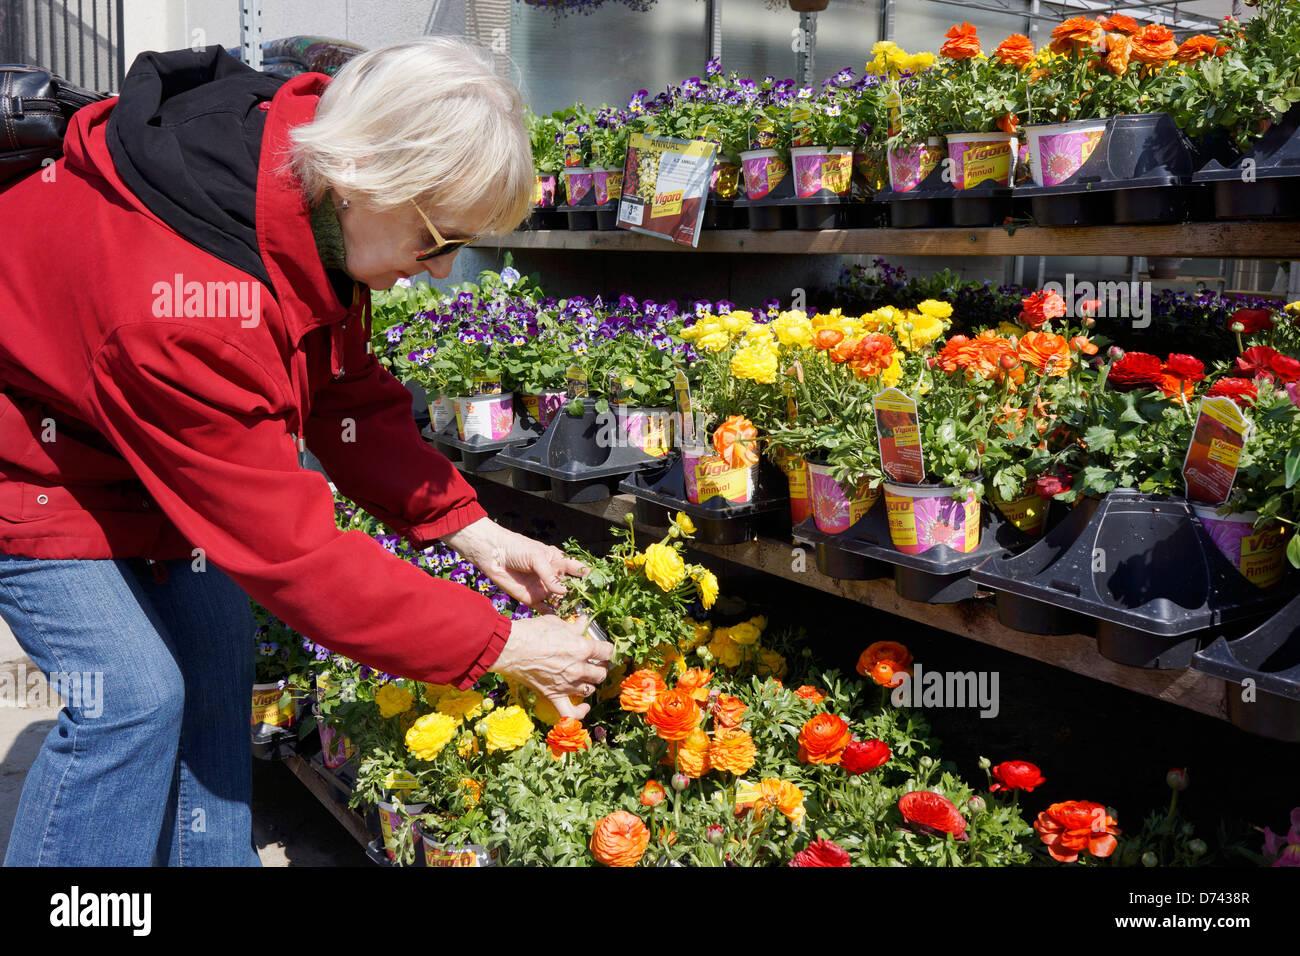 Centro de jardinería, mujer elegir Ranunculus Flores Imagen De Stock